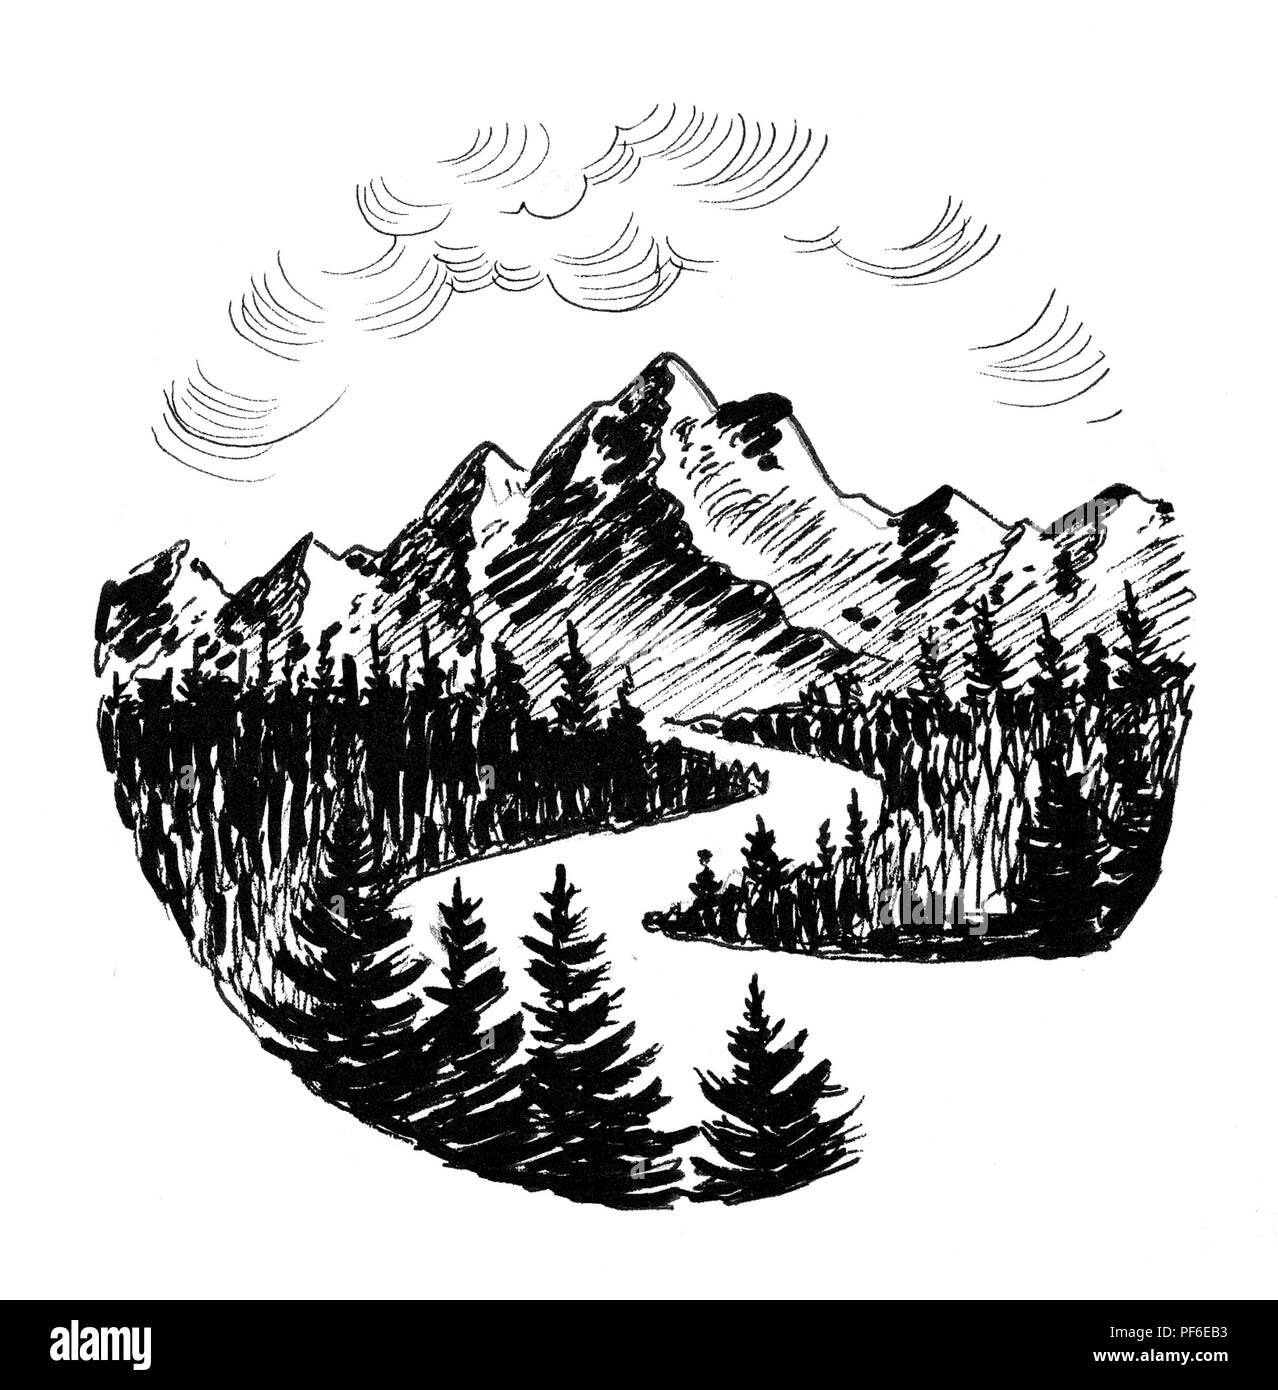 rivi re de montagne paysage dessin noir et blanc encre banque d 39 images photo stock 215887255. Black Bedroom Furniture Sets. Home Design Ideas